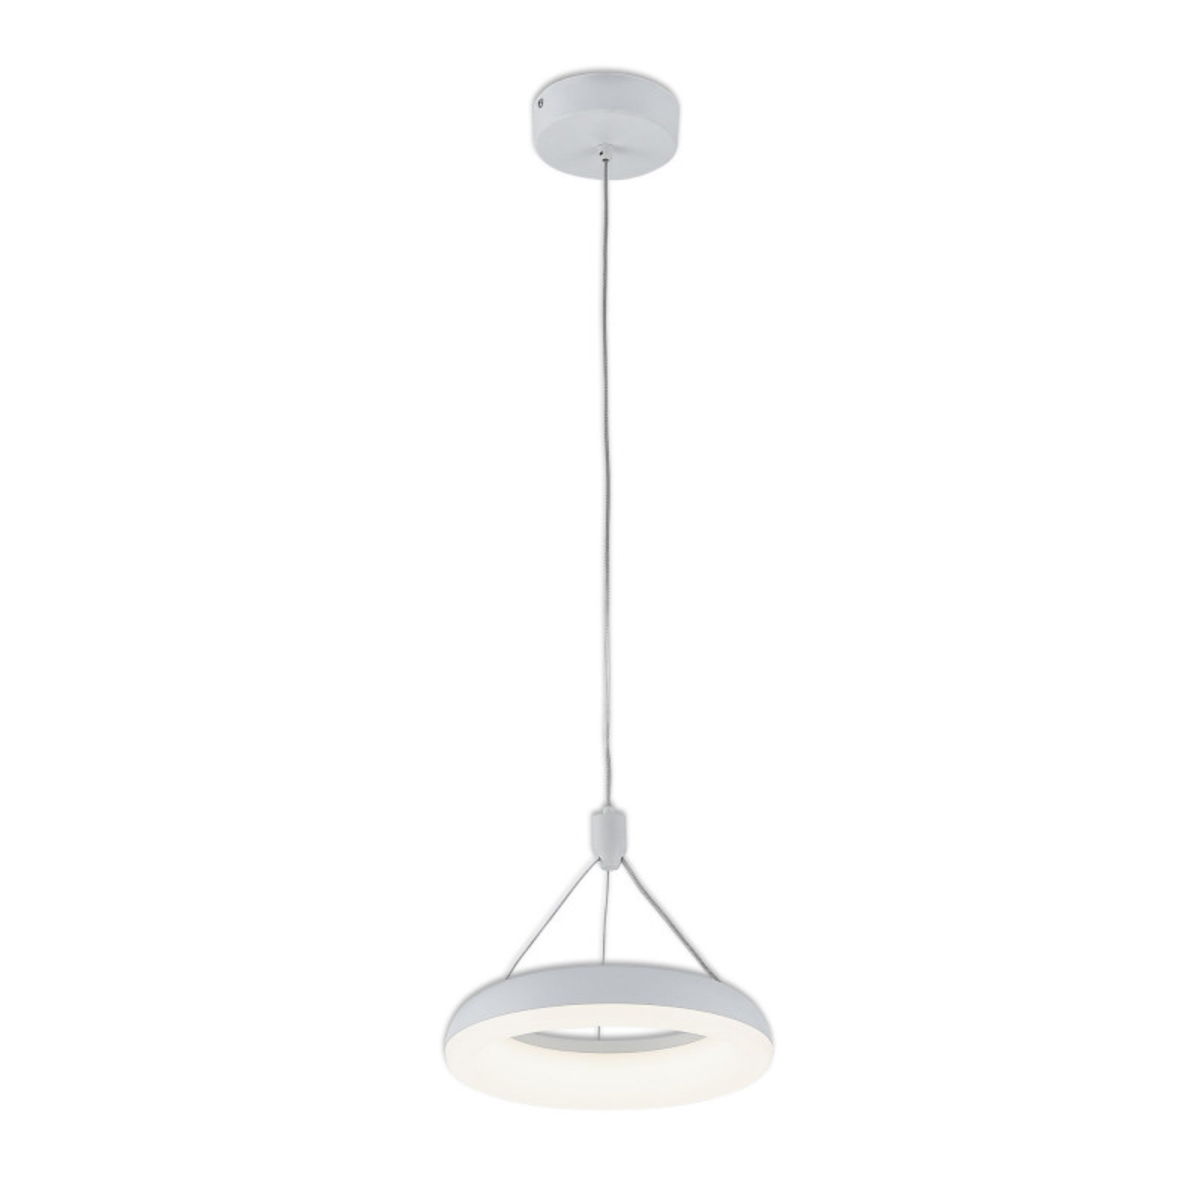 Купить Подвесной светильник Паркер Подвесной светильник Citilux CL225110r (14429), HomeMe